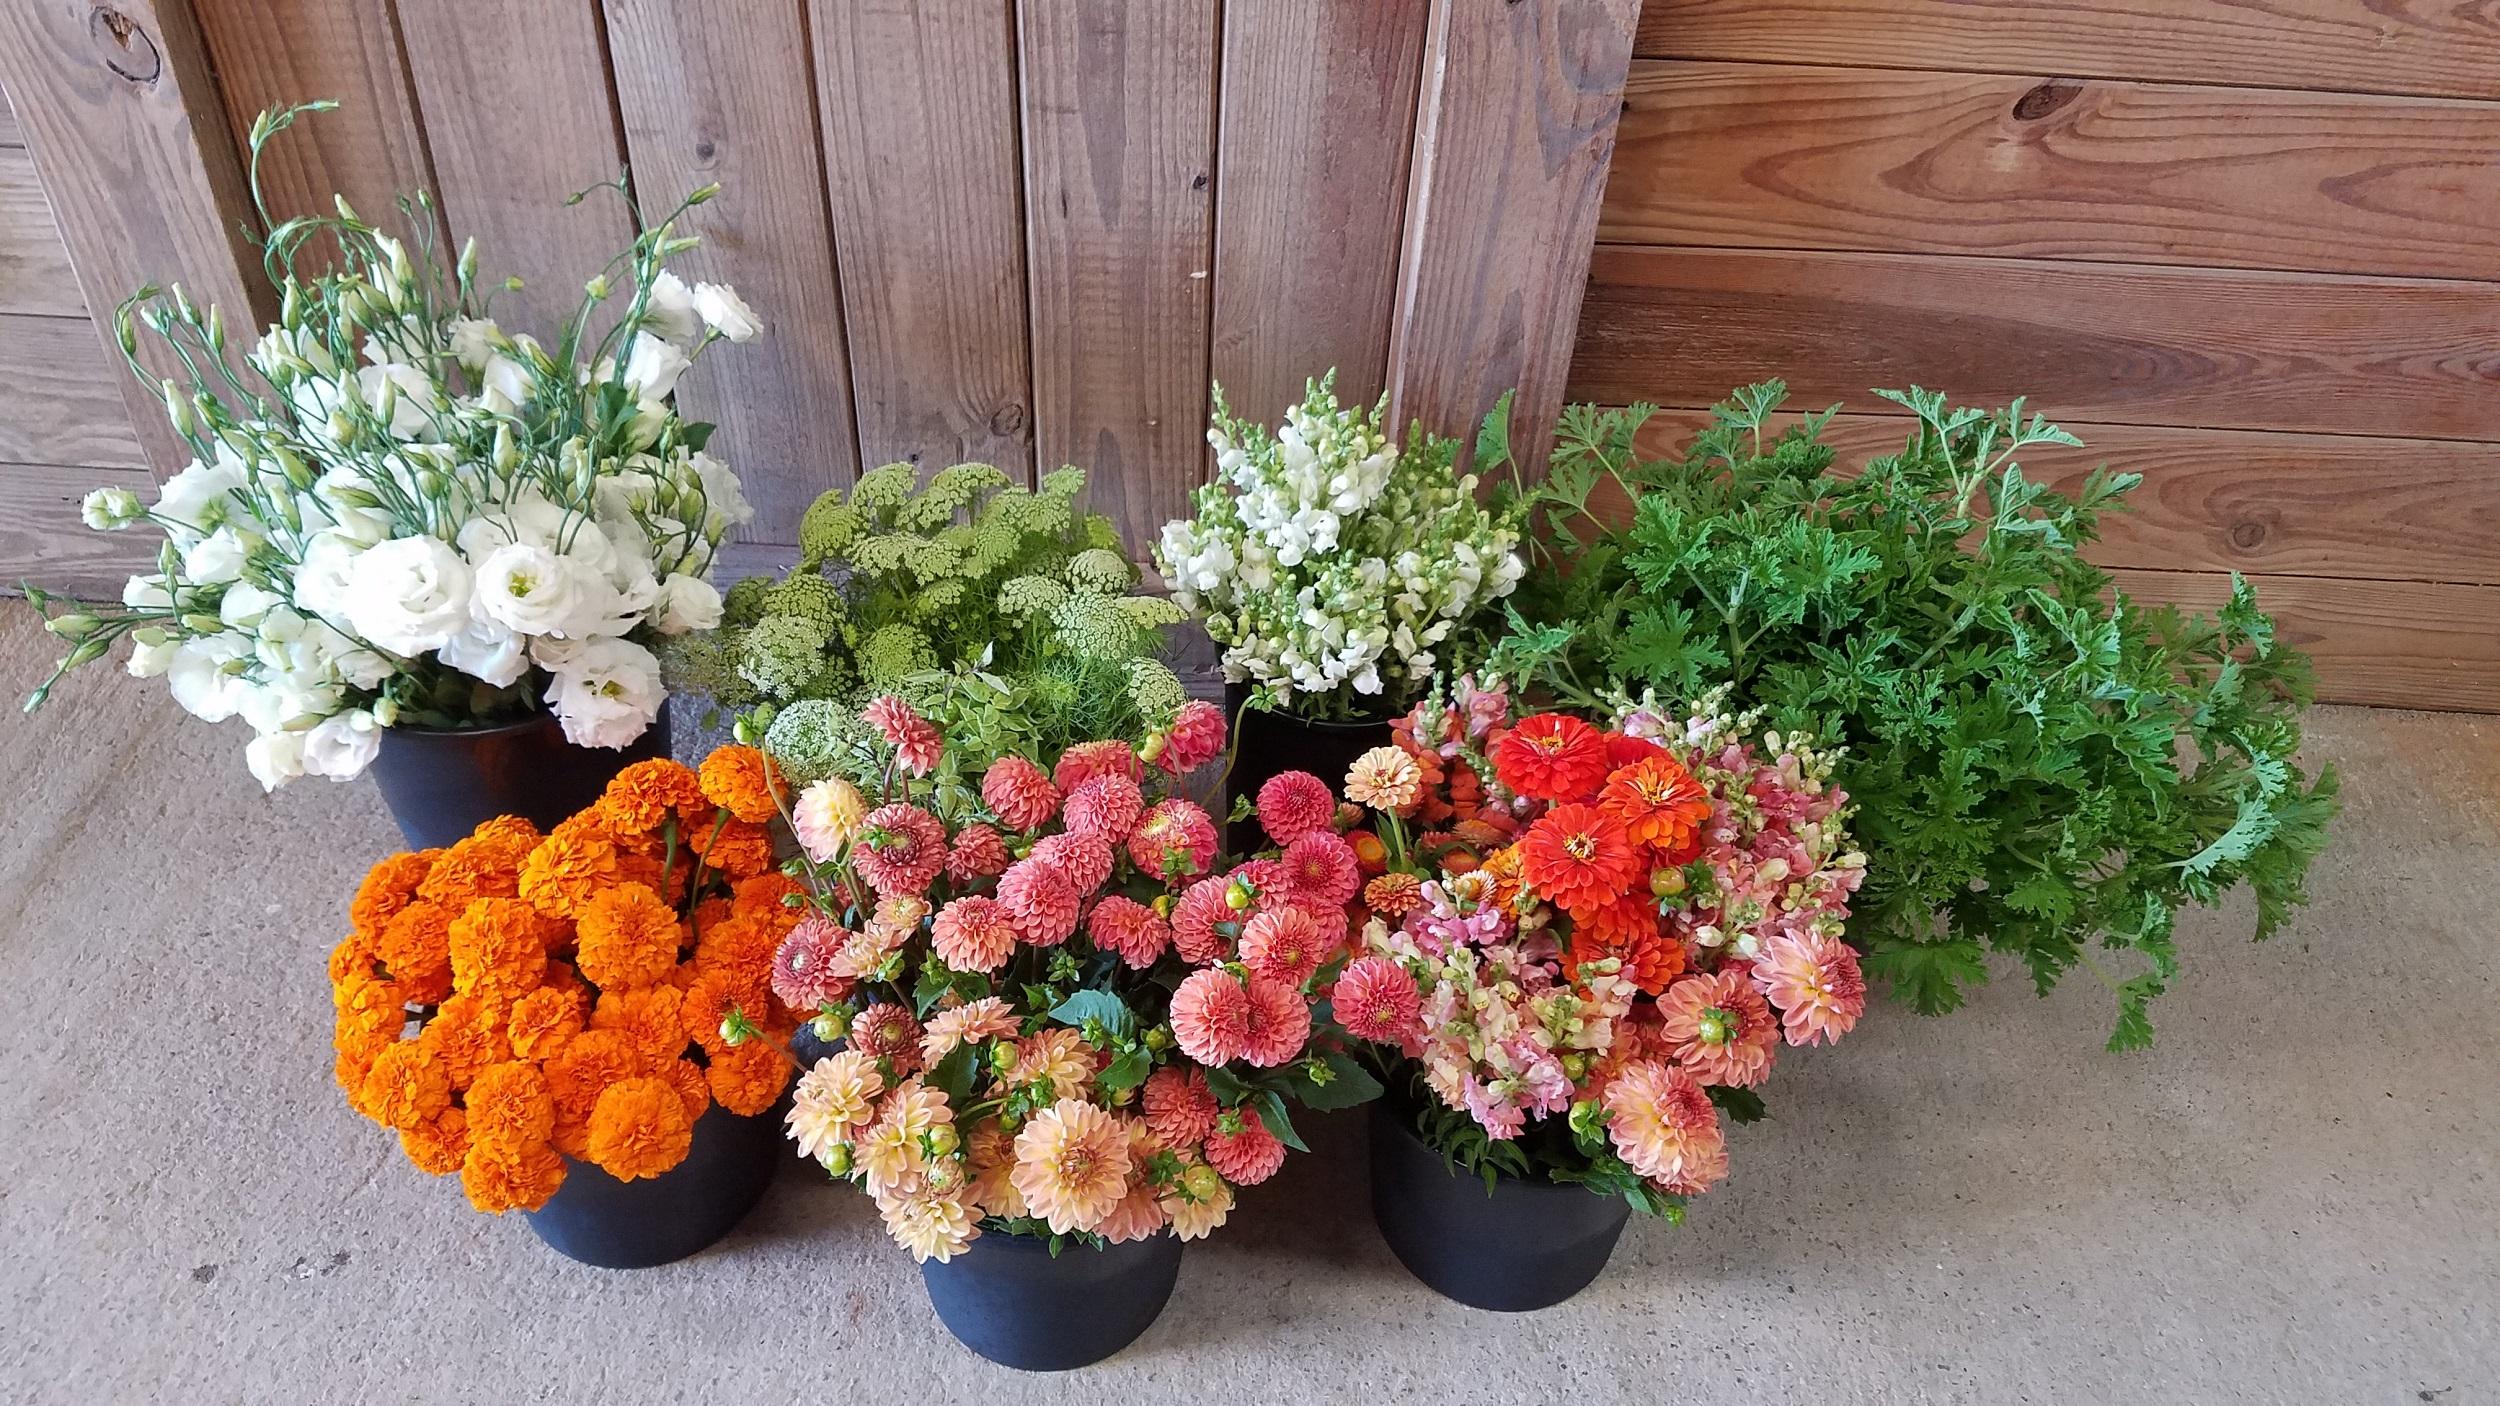 flower-buckets-orange-white-green-colors.jpg